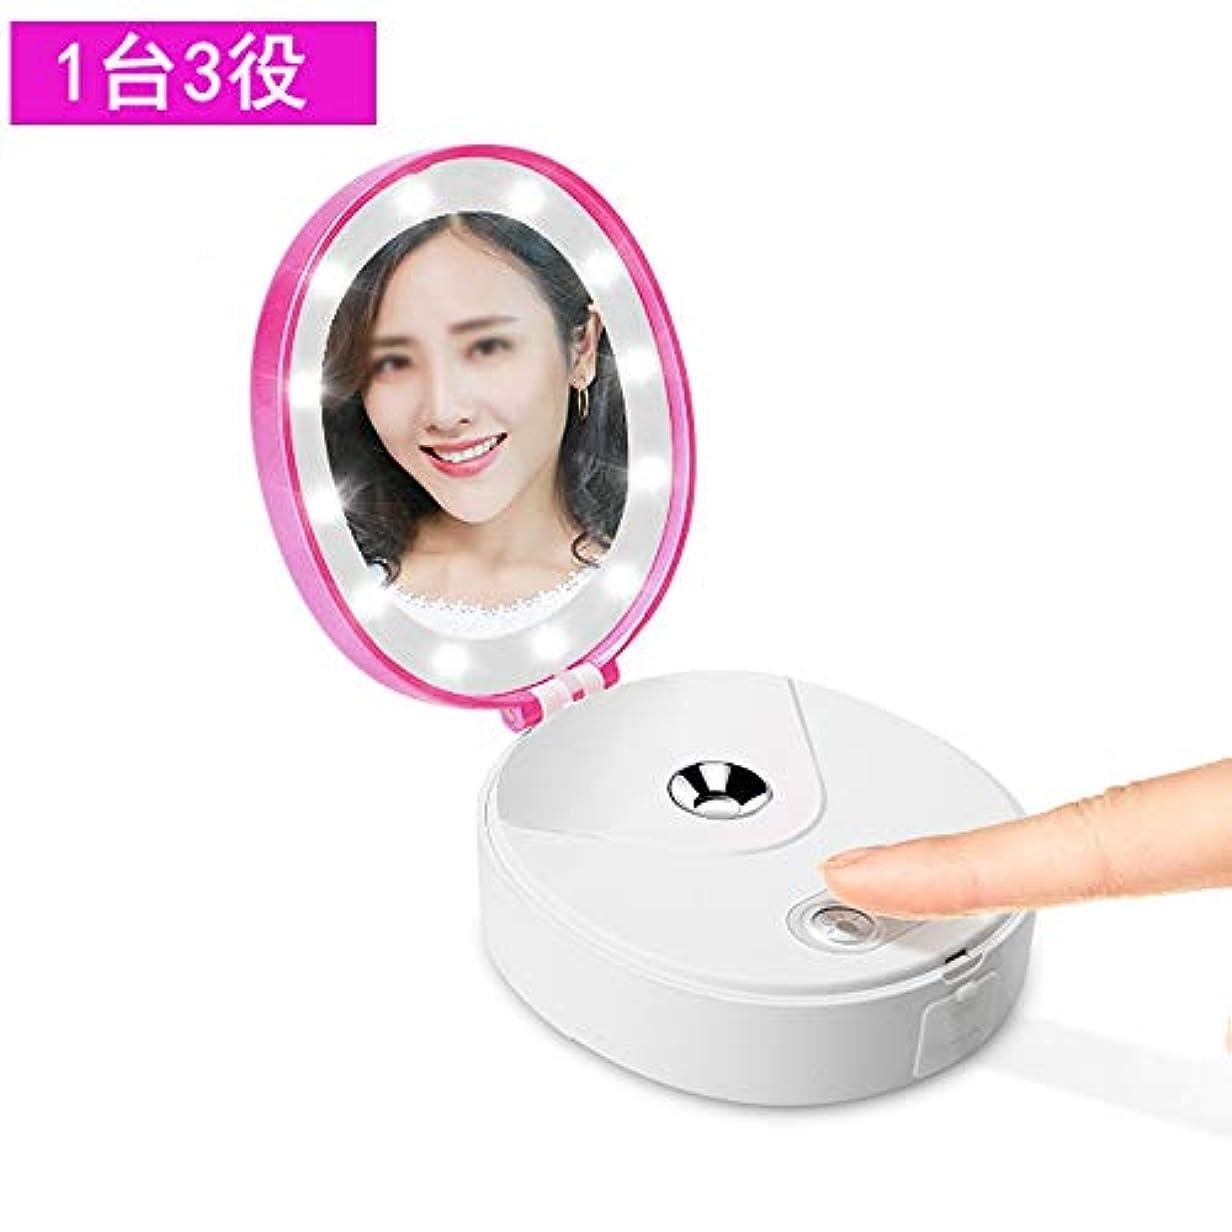 高揚したリサイクルするお風呂Smiler+ LED 化粧鏡 化粧ミラー 鏡 女優ミラー led付き 補水ナノスプレー加湿器 肌への補水 明るさ調節可能 180°回転 usb充電式 携帯に充電に可能